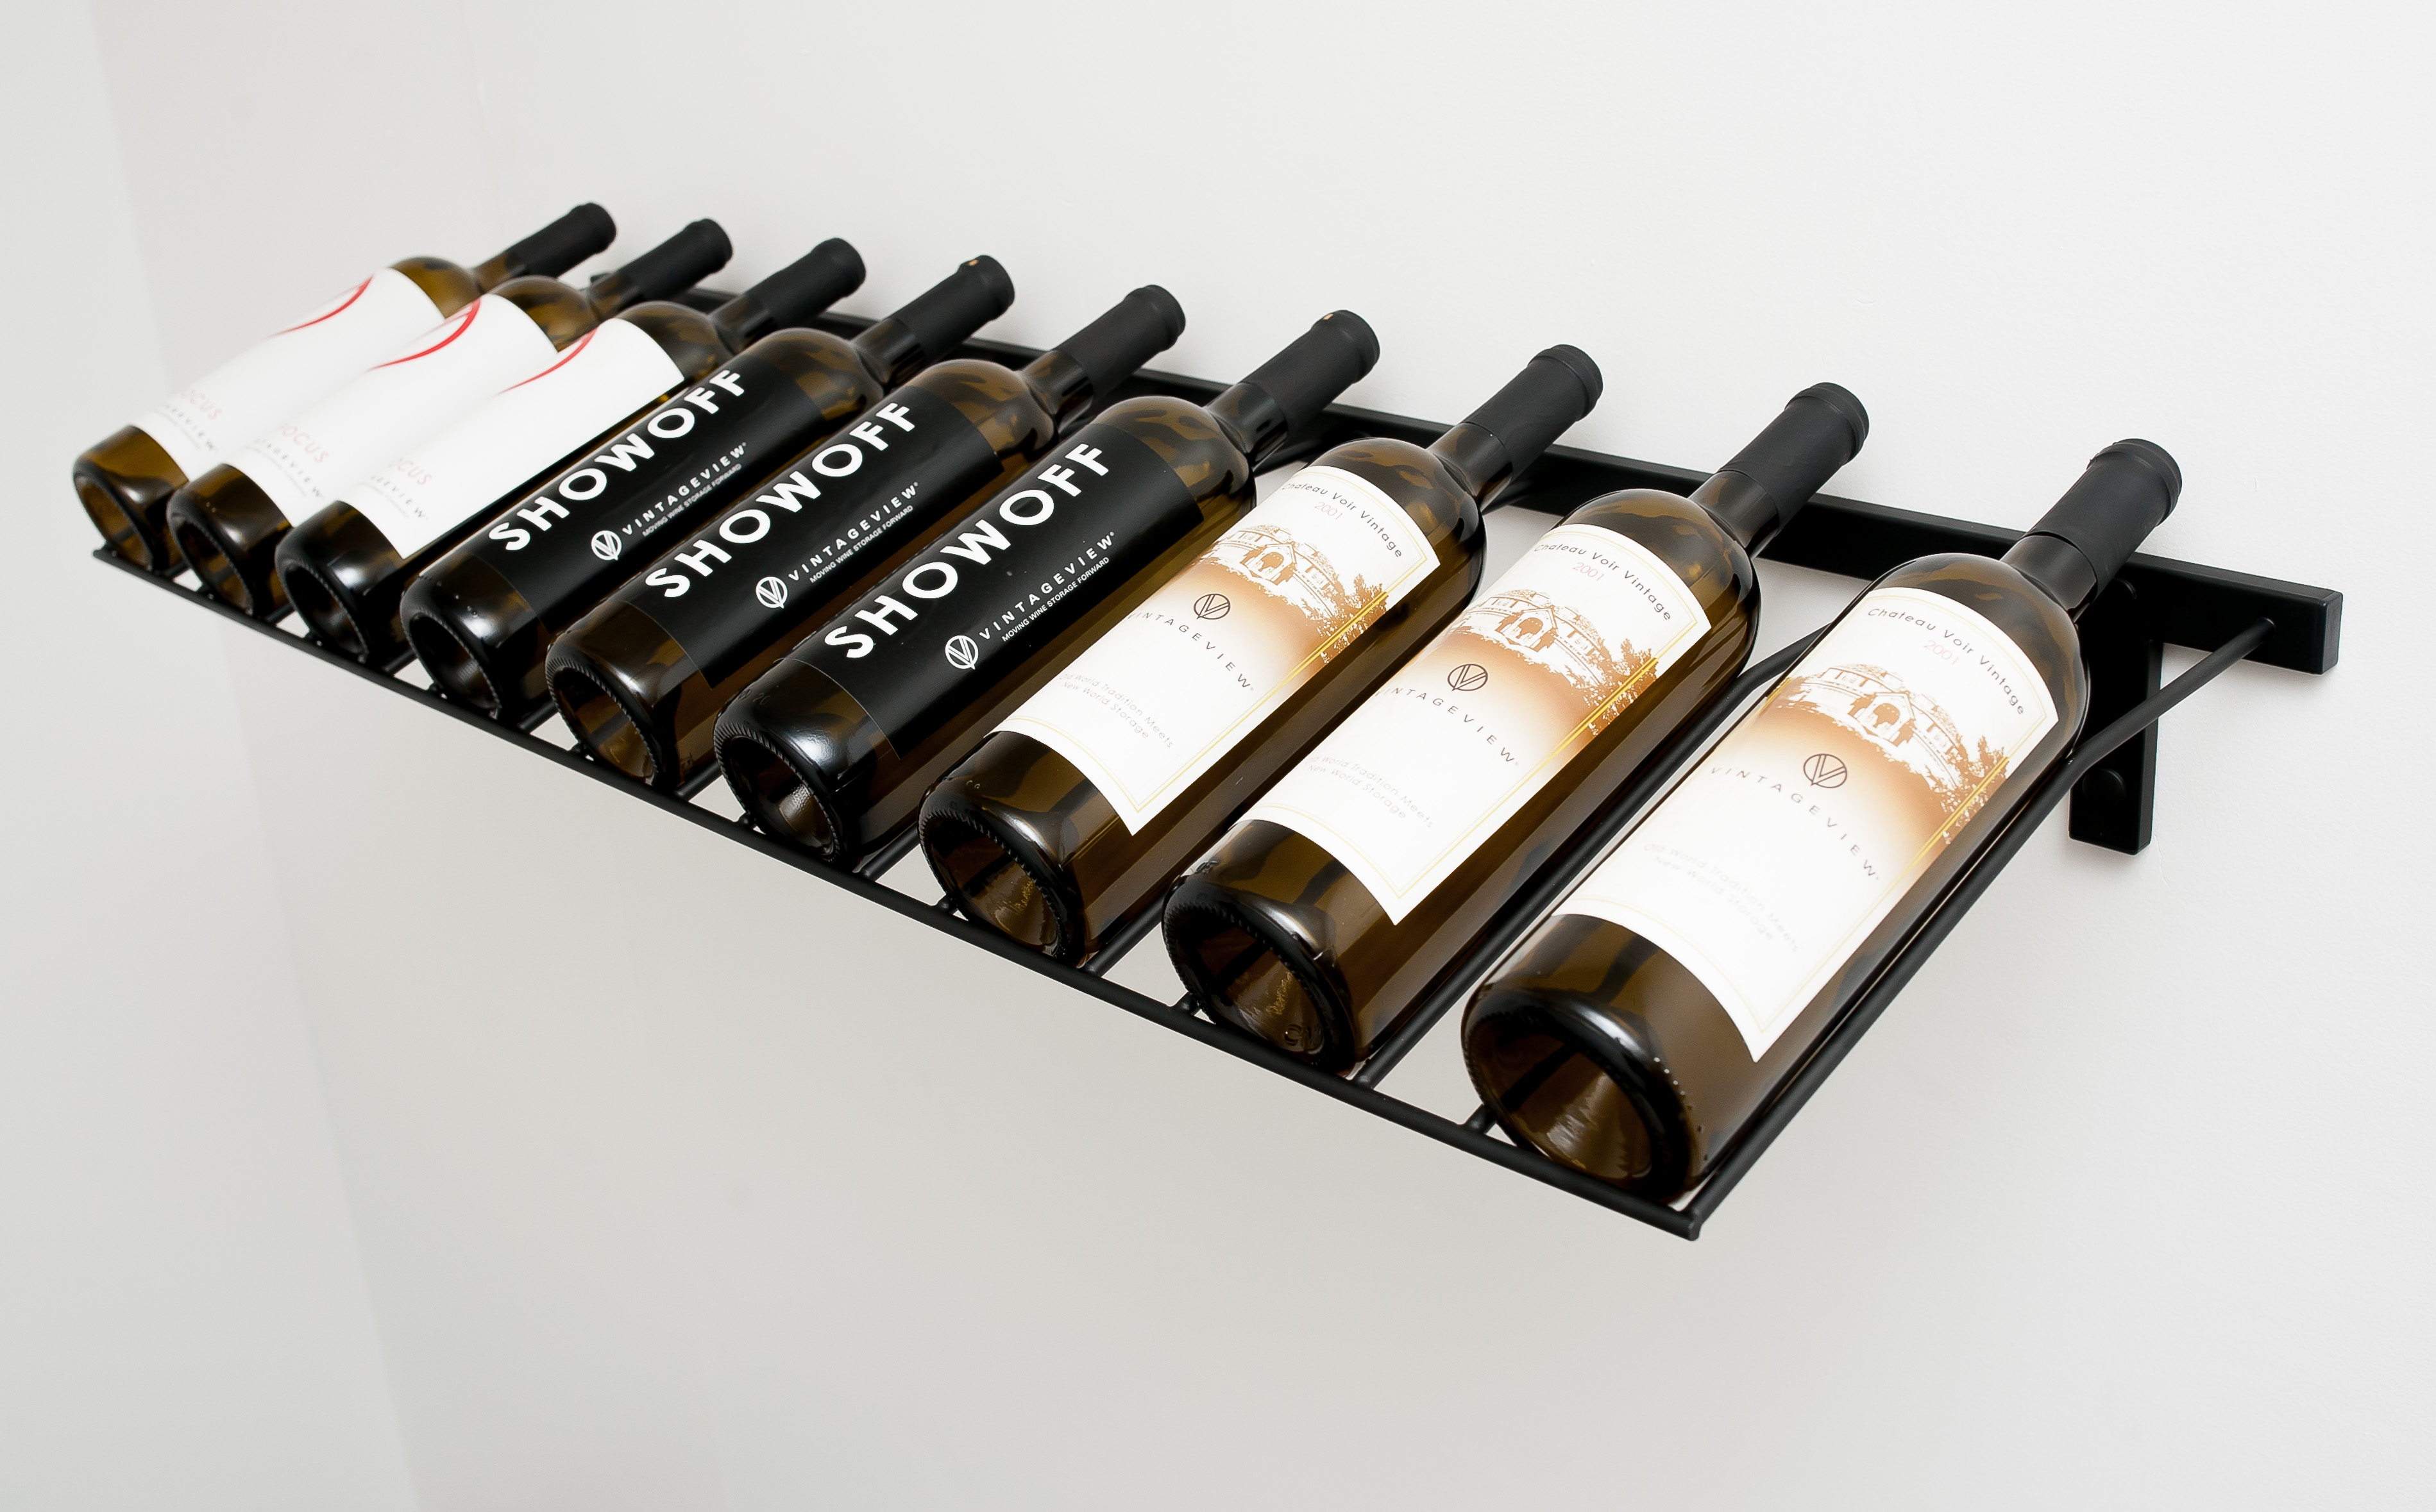 Metal Wine Racks Wall Mounted presentation row metal wine rack (3 to 9 bottles) - vintageview